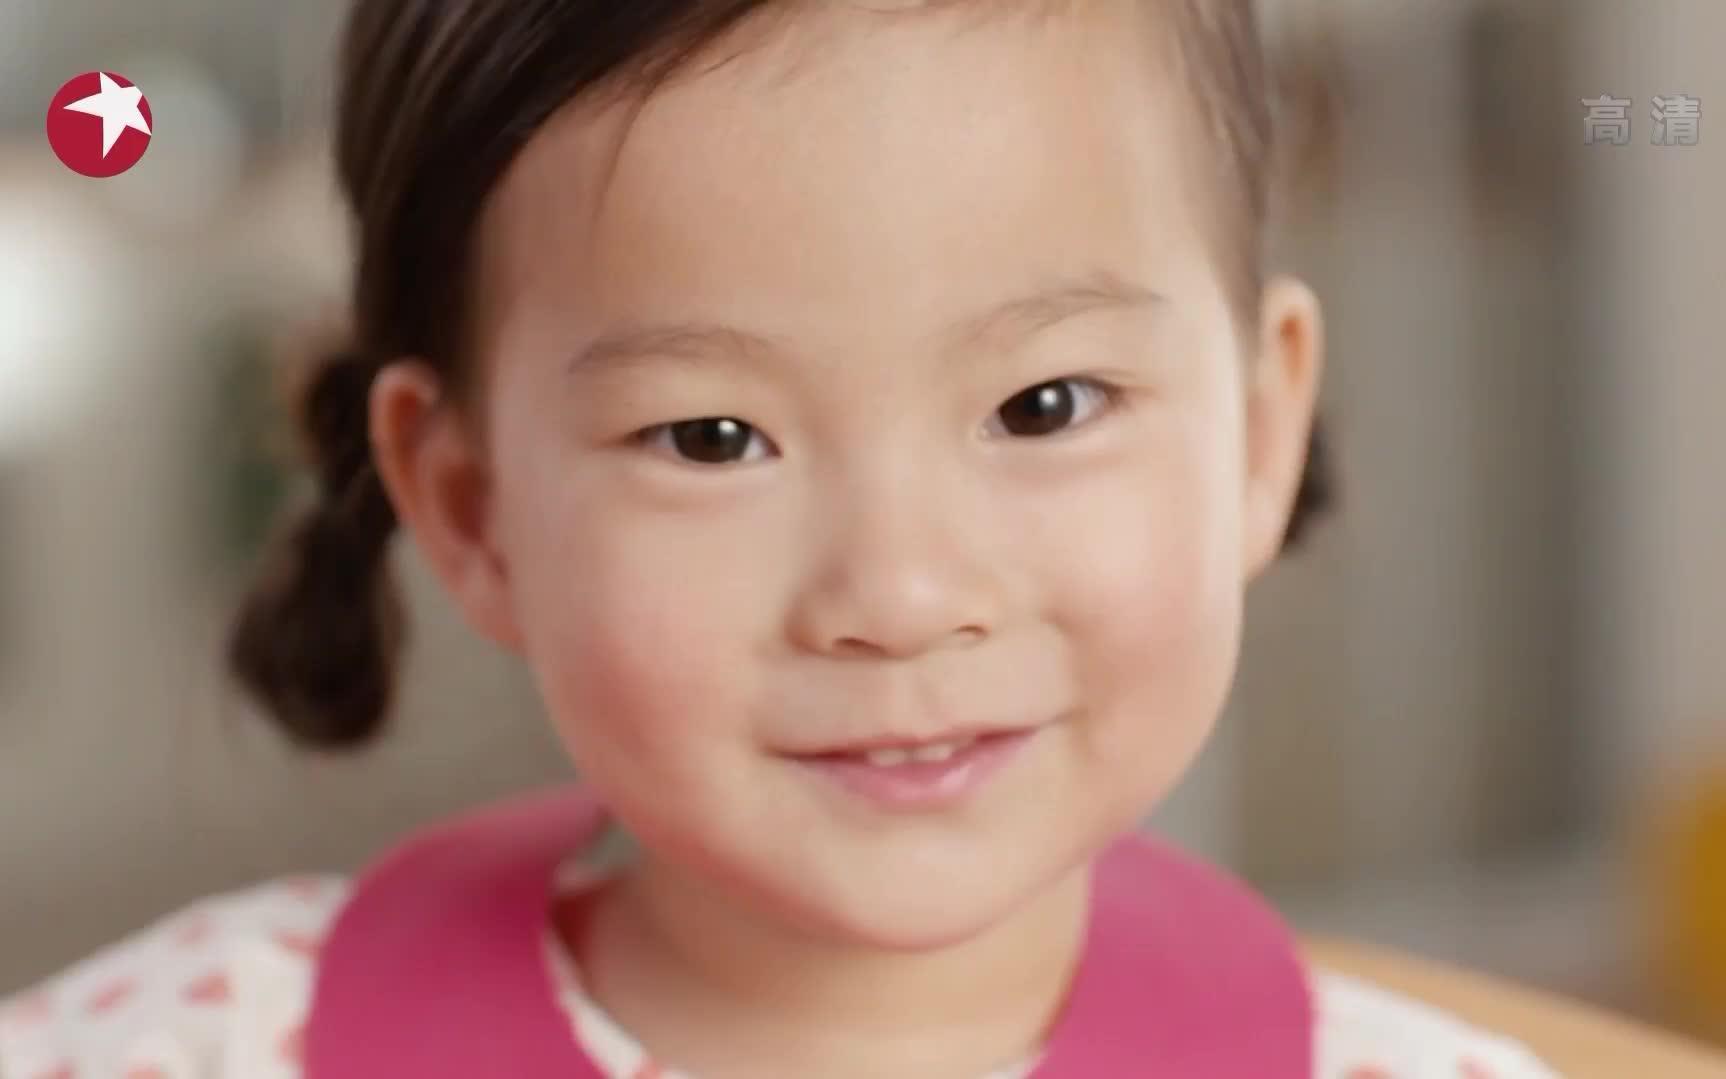 央视广告欣赏-思念儿童成长营养水饺 云吞